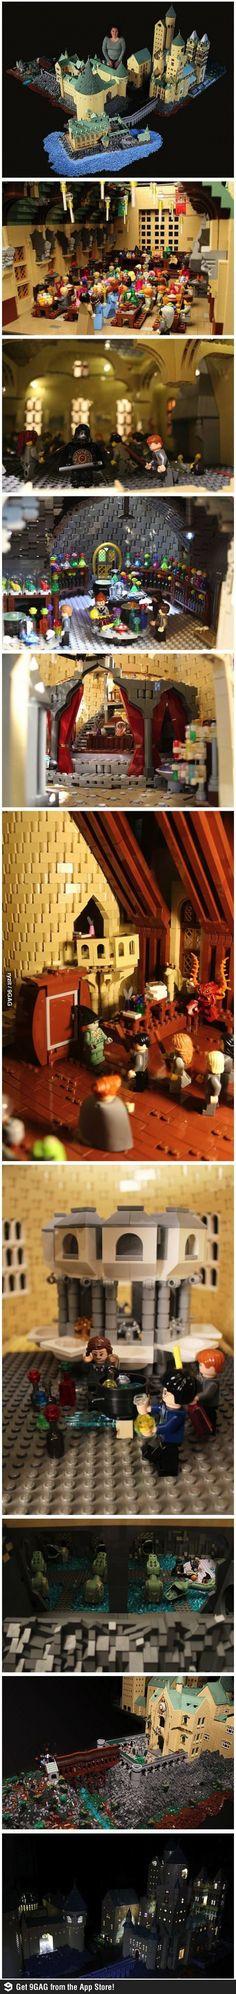 레고로 만든 성, 디테일이 대단해.jpg